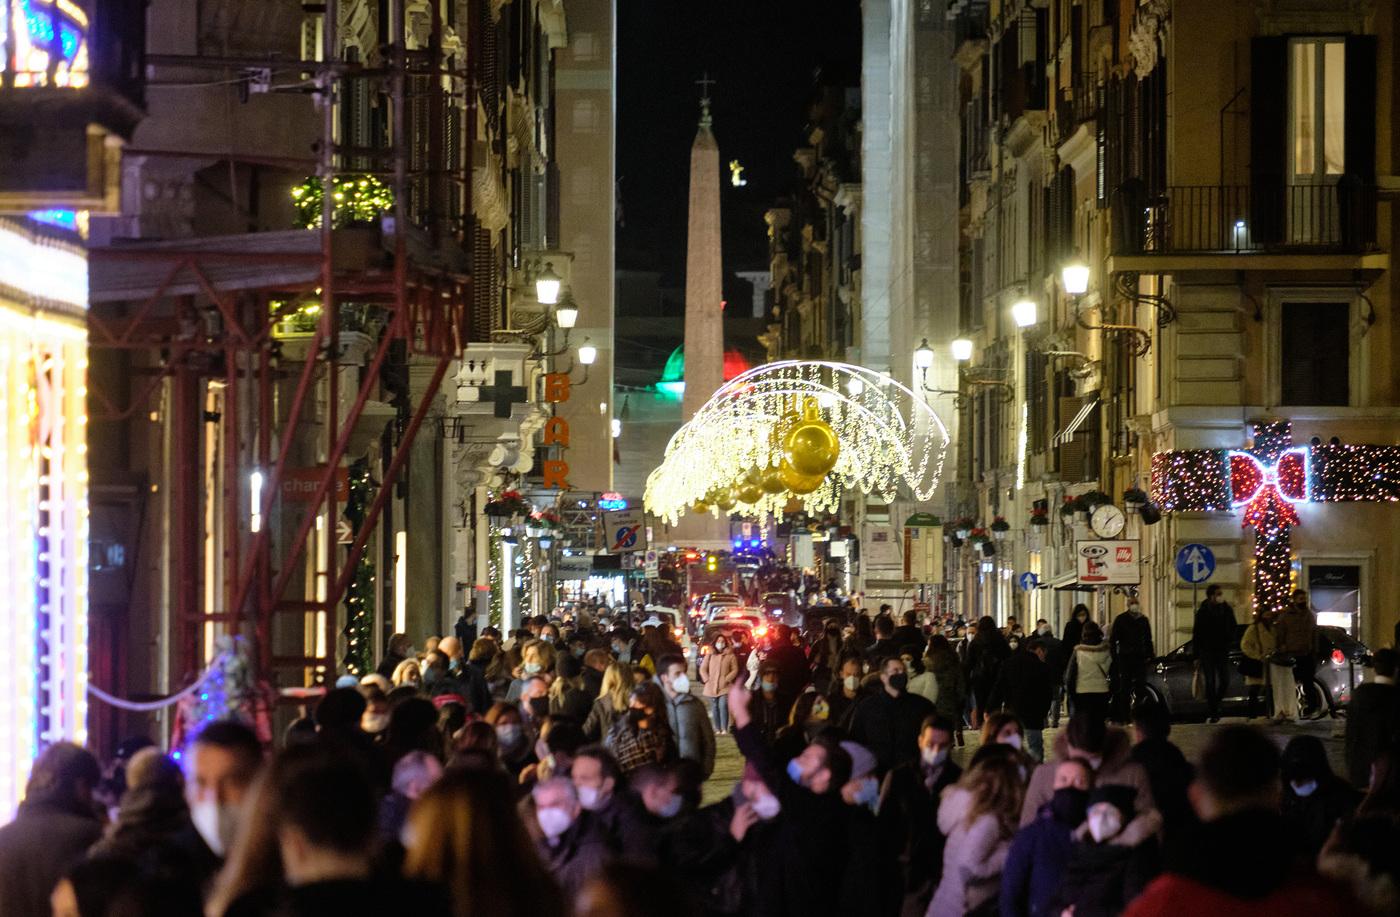 Città invase di persone per lo shopping di Natale, il governo adesso pensa ad un nuovo lockdown totale